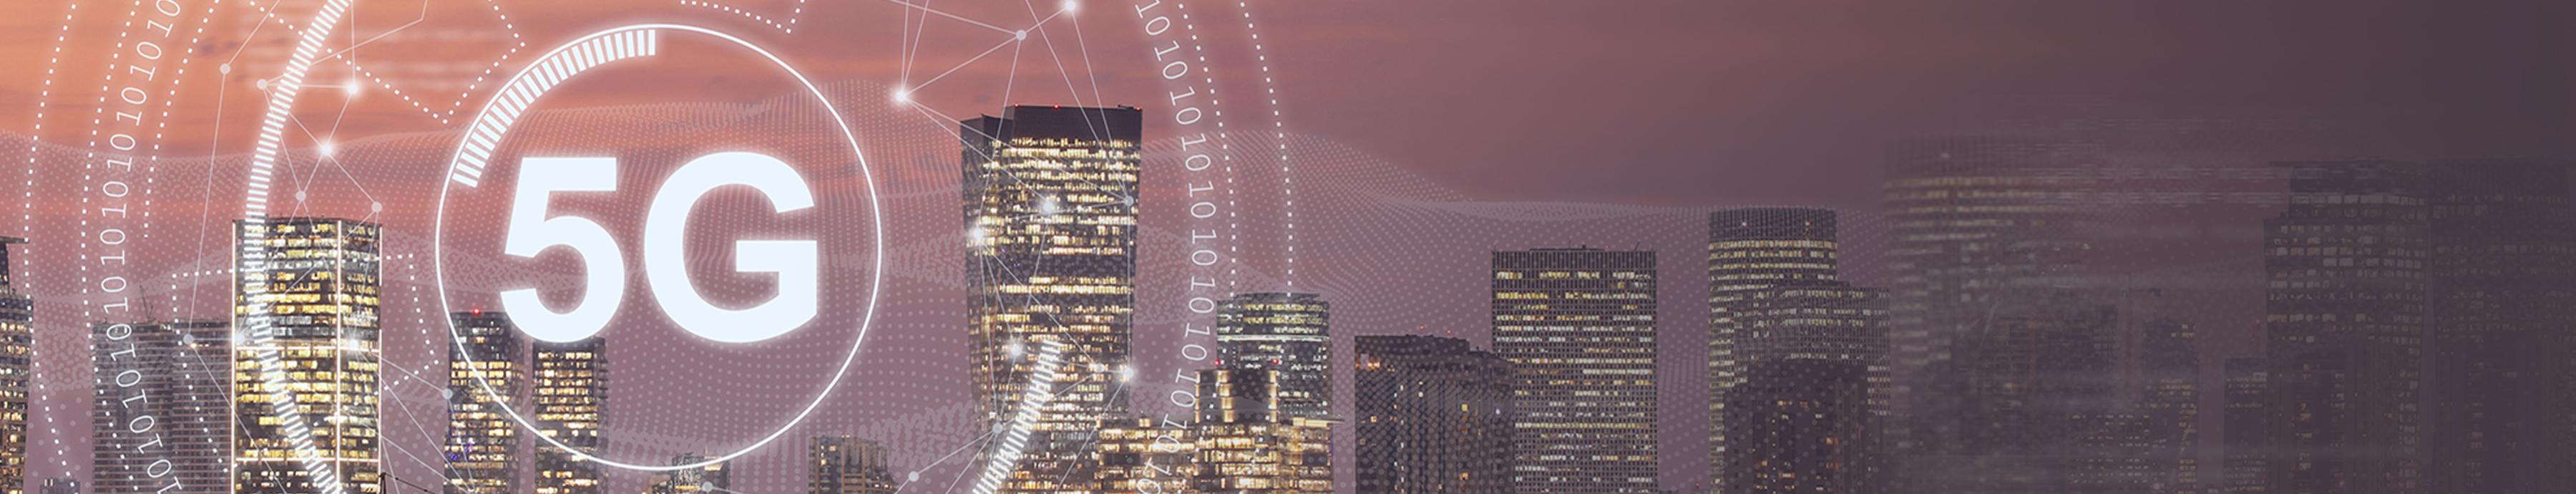 5G-Glossar: Die wichtigsten Begriffe rund um den neuen Netzstandard